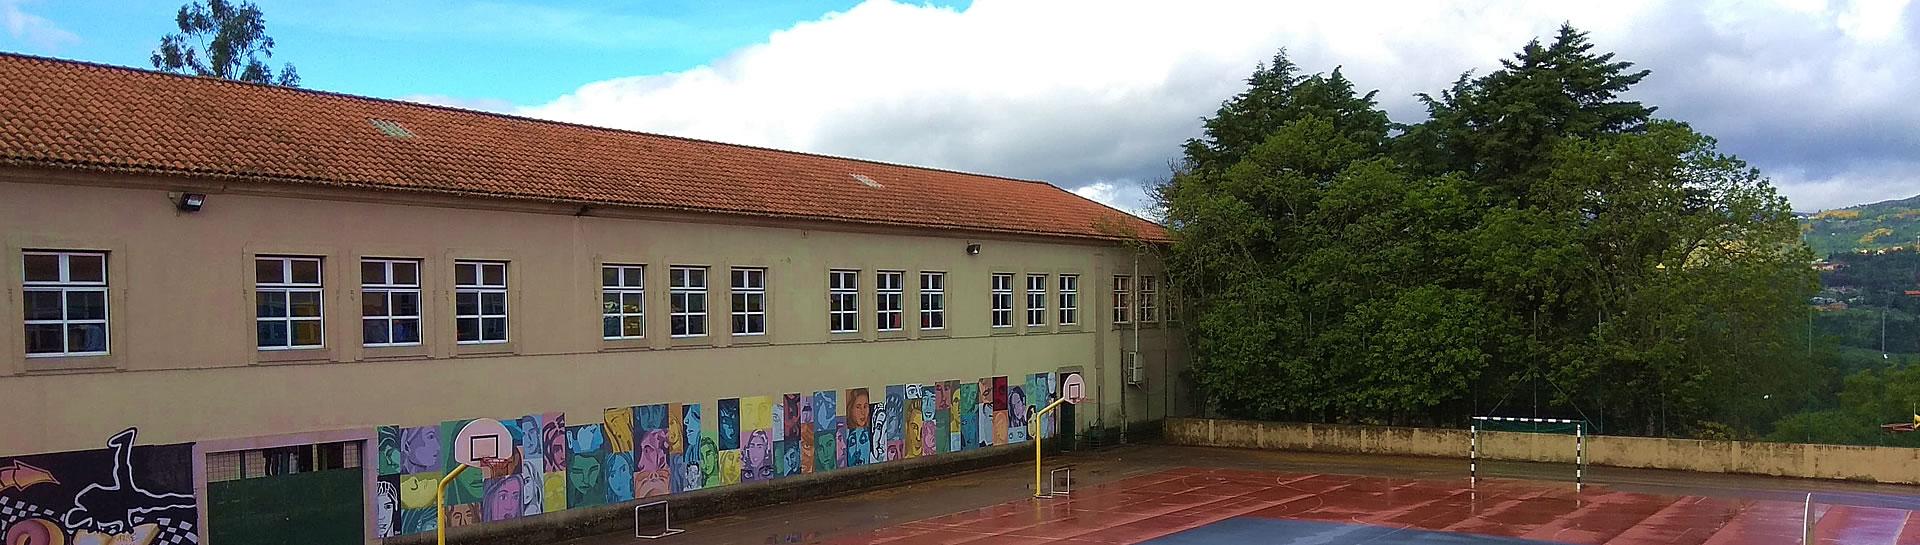 Escola Secundária/3 Camilo Castelo Branco